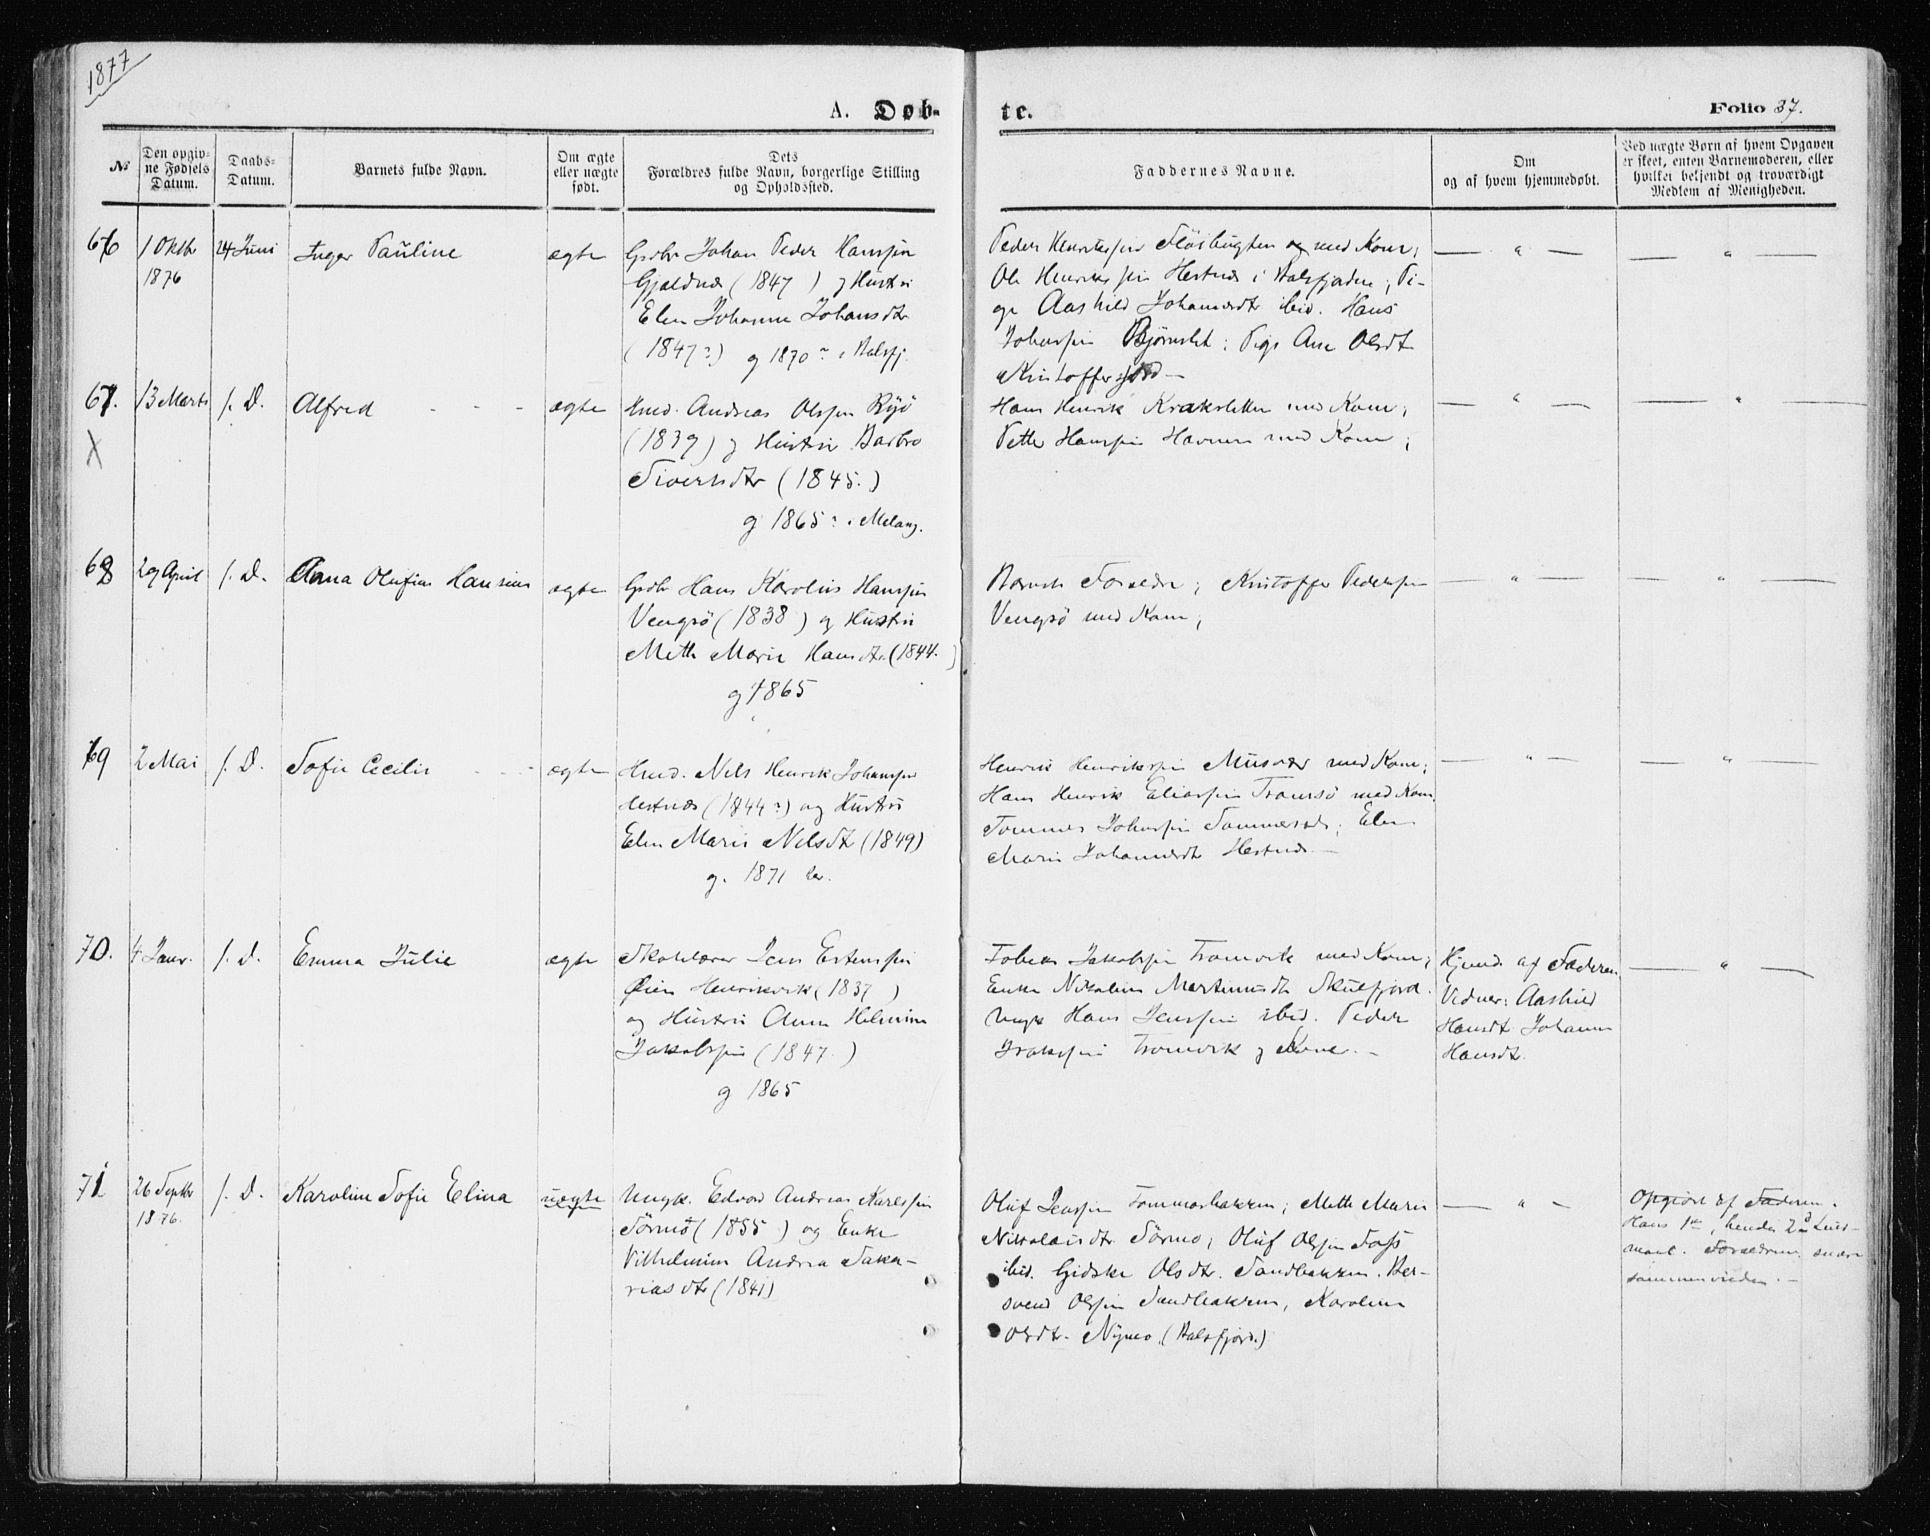 SATØ, Tromsøysund sokneprestkontor, G/Ga/L0003kirke: Ministerialbok nr. 3, 1875-1880, s. 37